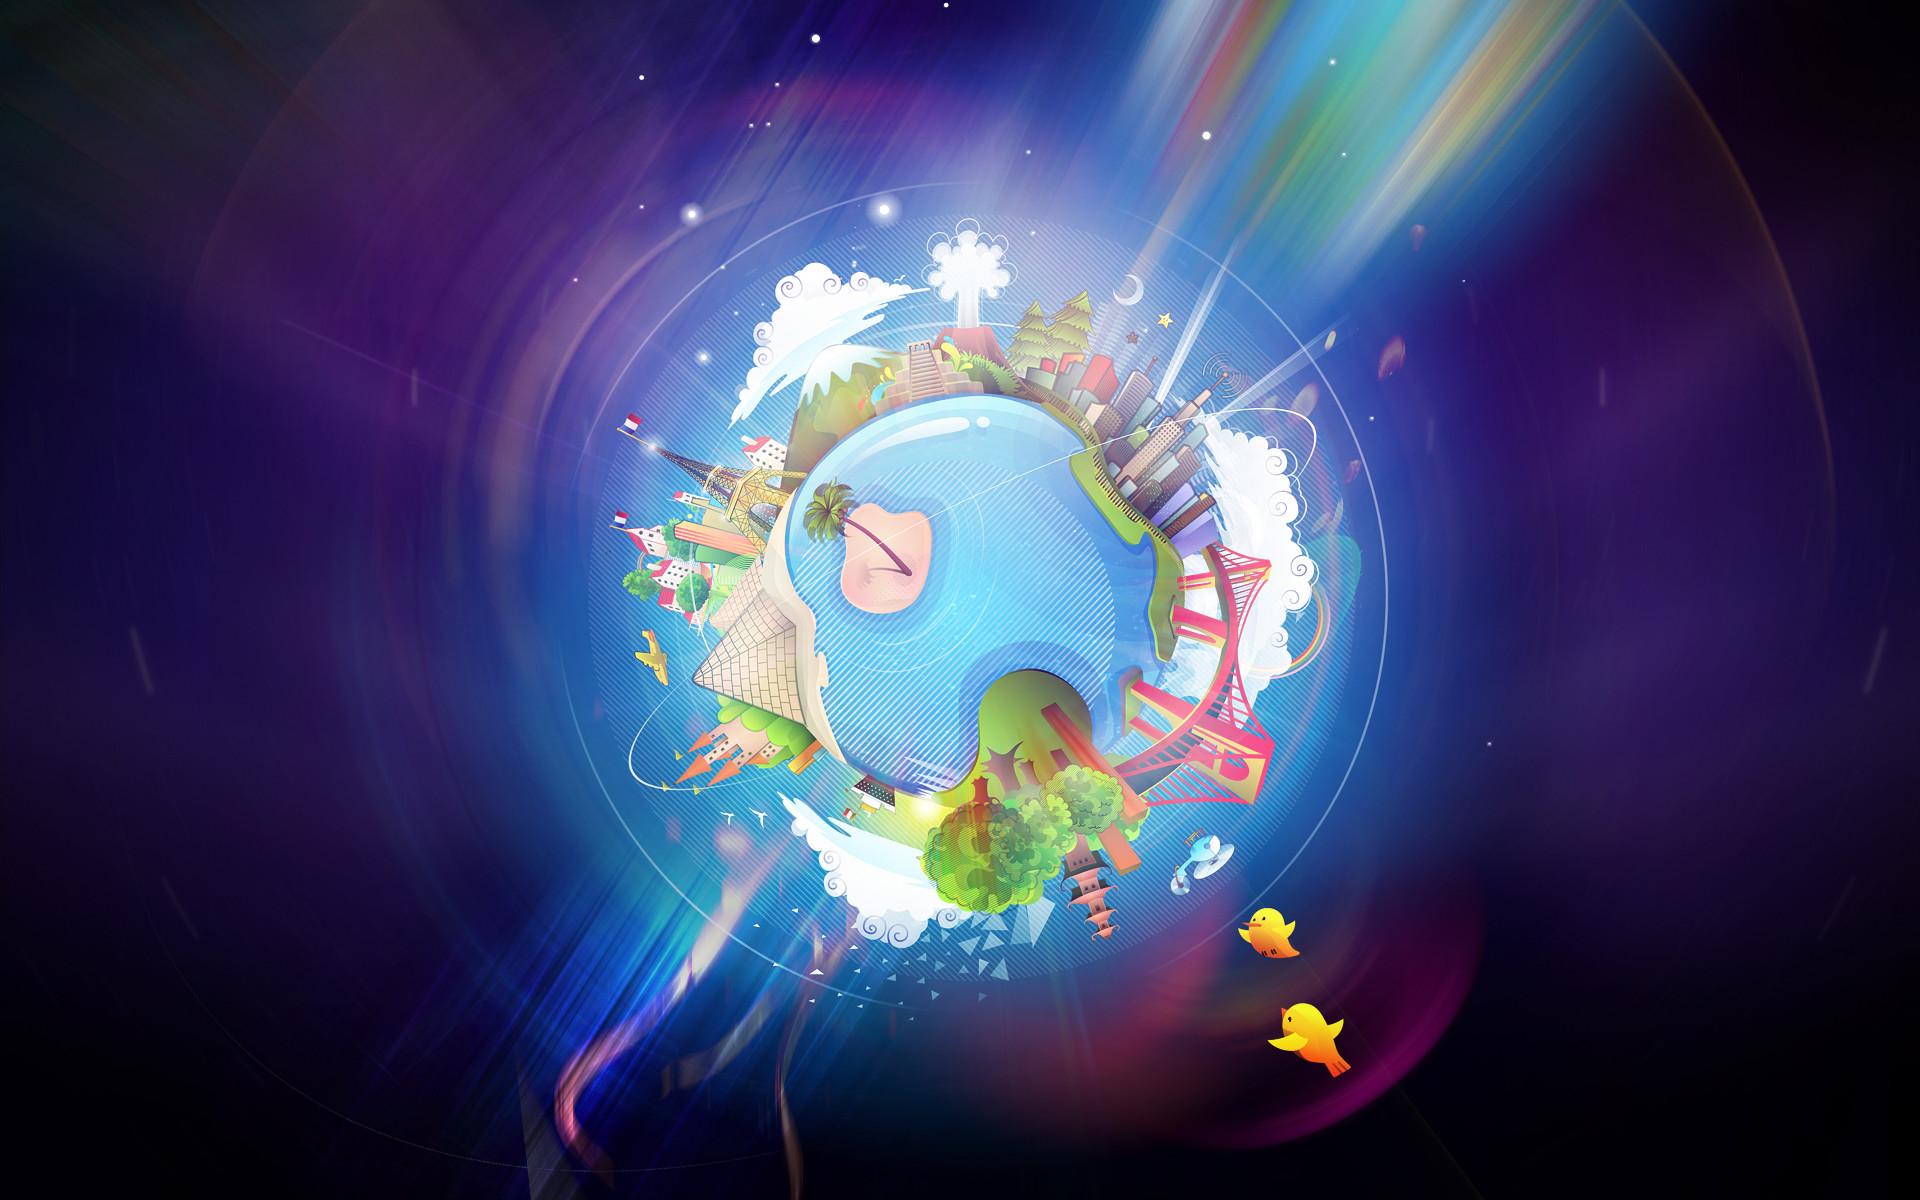 Hình nền trái đất 3D ngộ nghĩnh